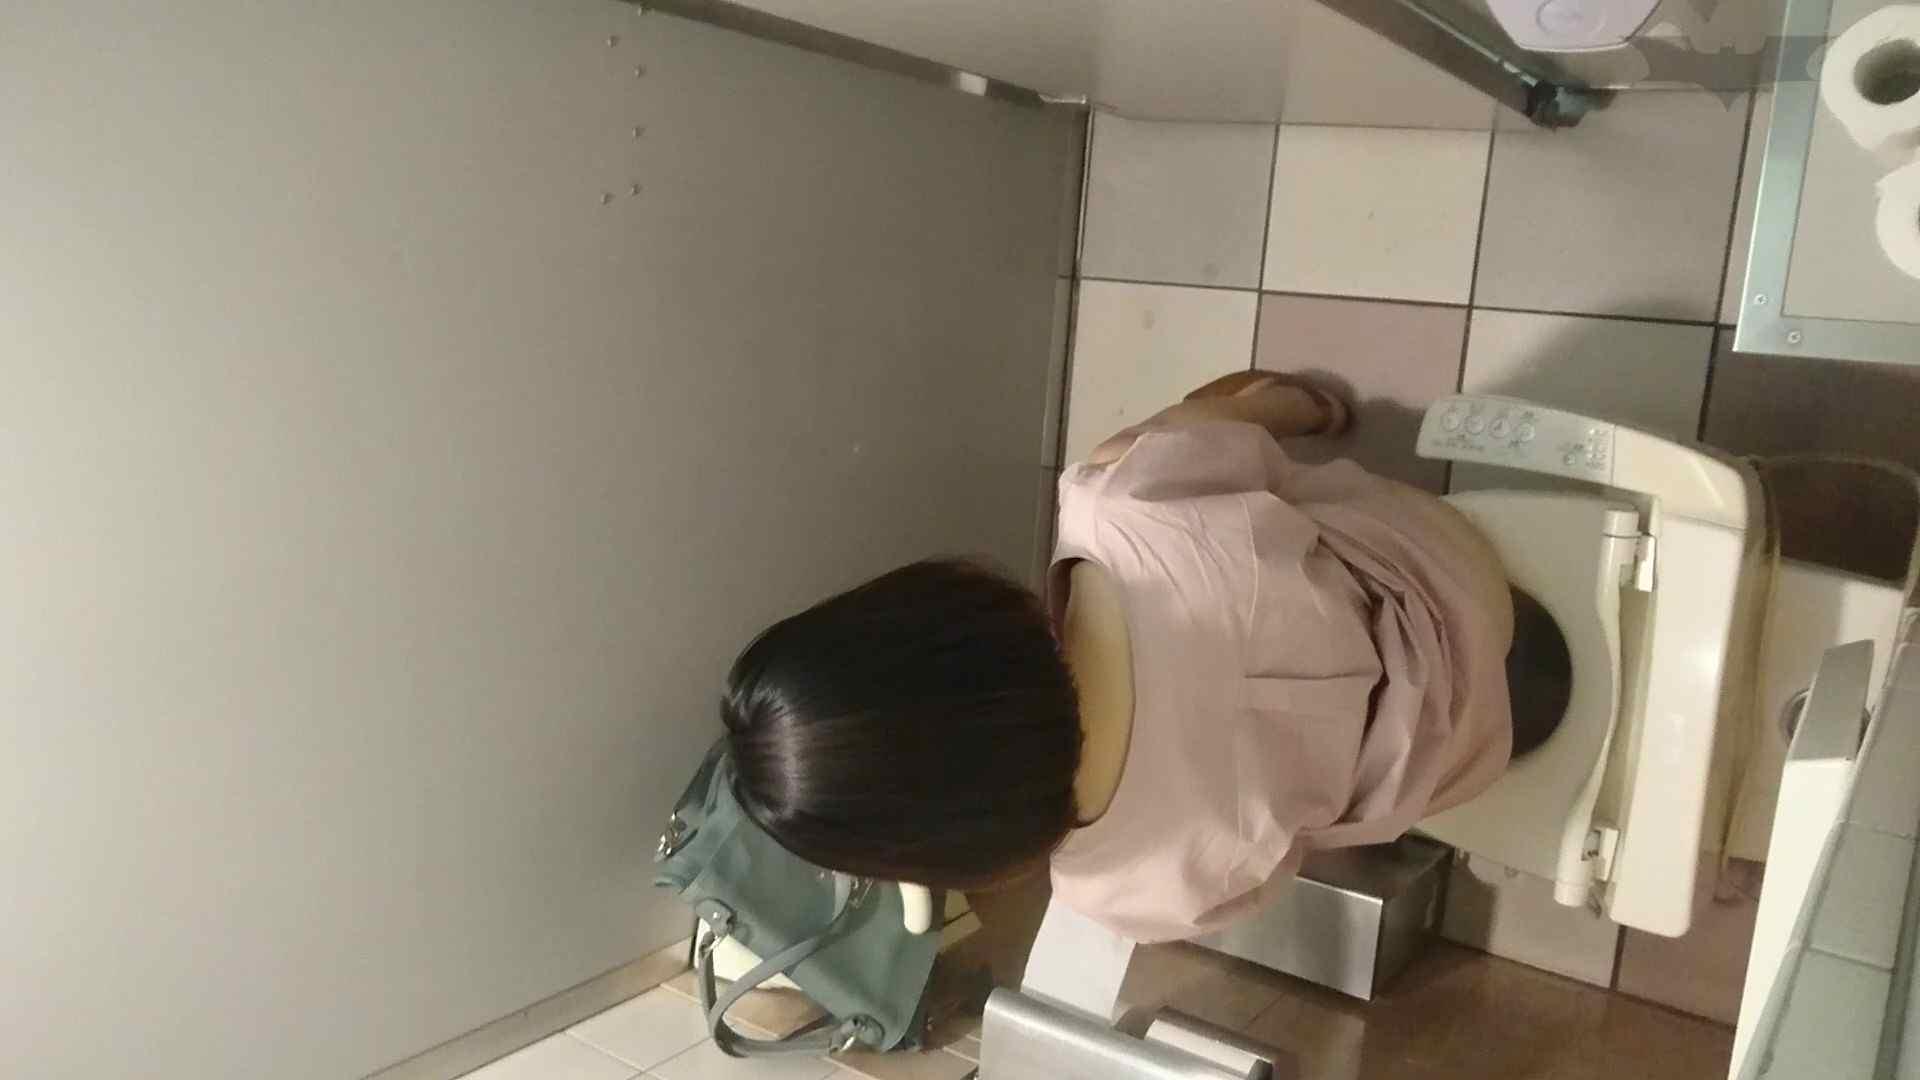 化粧室絵巻 ショッピングモール編 VOL.16 0  94pic 88